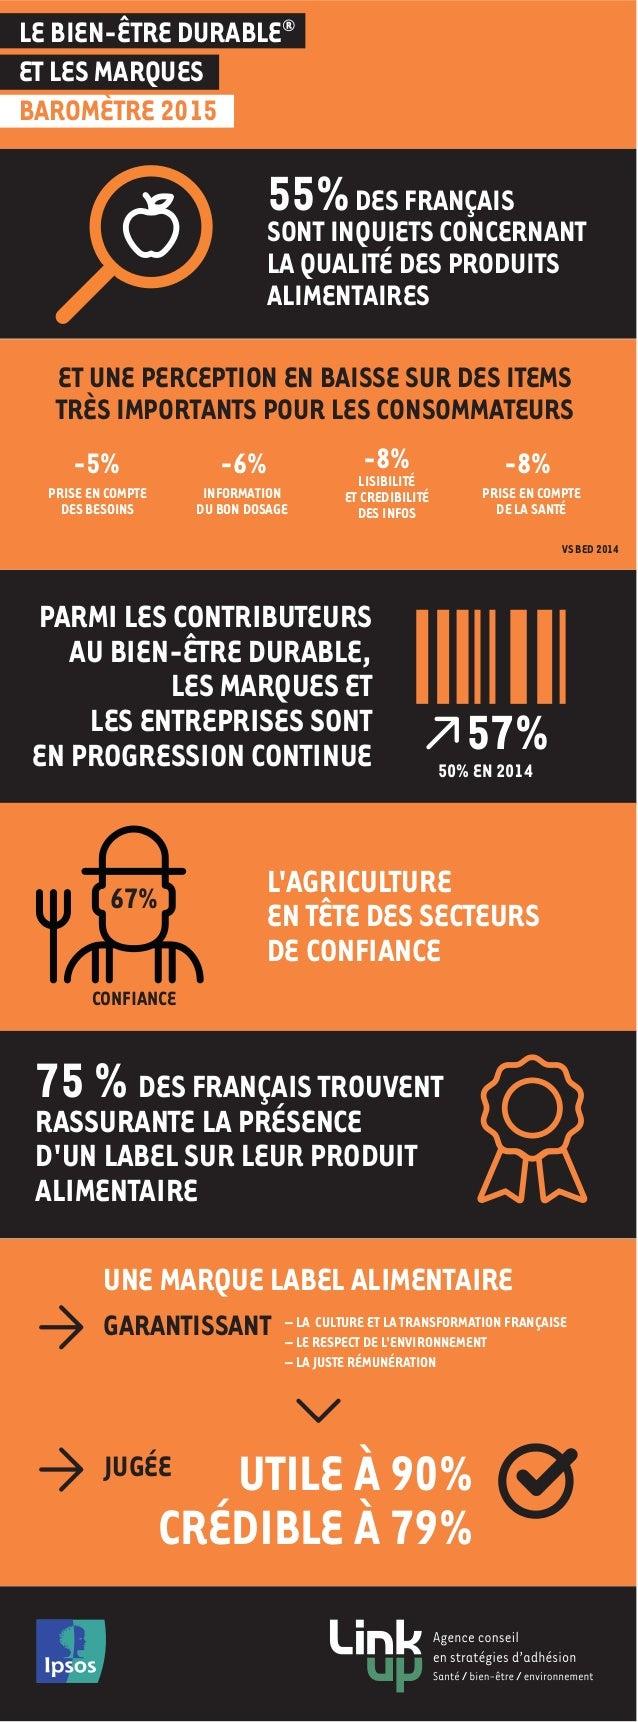 55%DES FRANÇAIS SONT INQUIETS CONCERNANT LA QUALITÉ DES PRODUITS ALIMENTAIRES PARMI LES CONTRIBUTEURS AU BIEN-ÊTRE DURABLE...